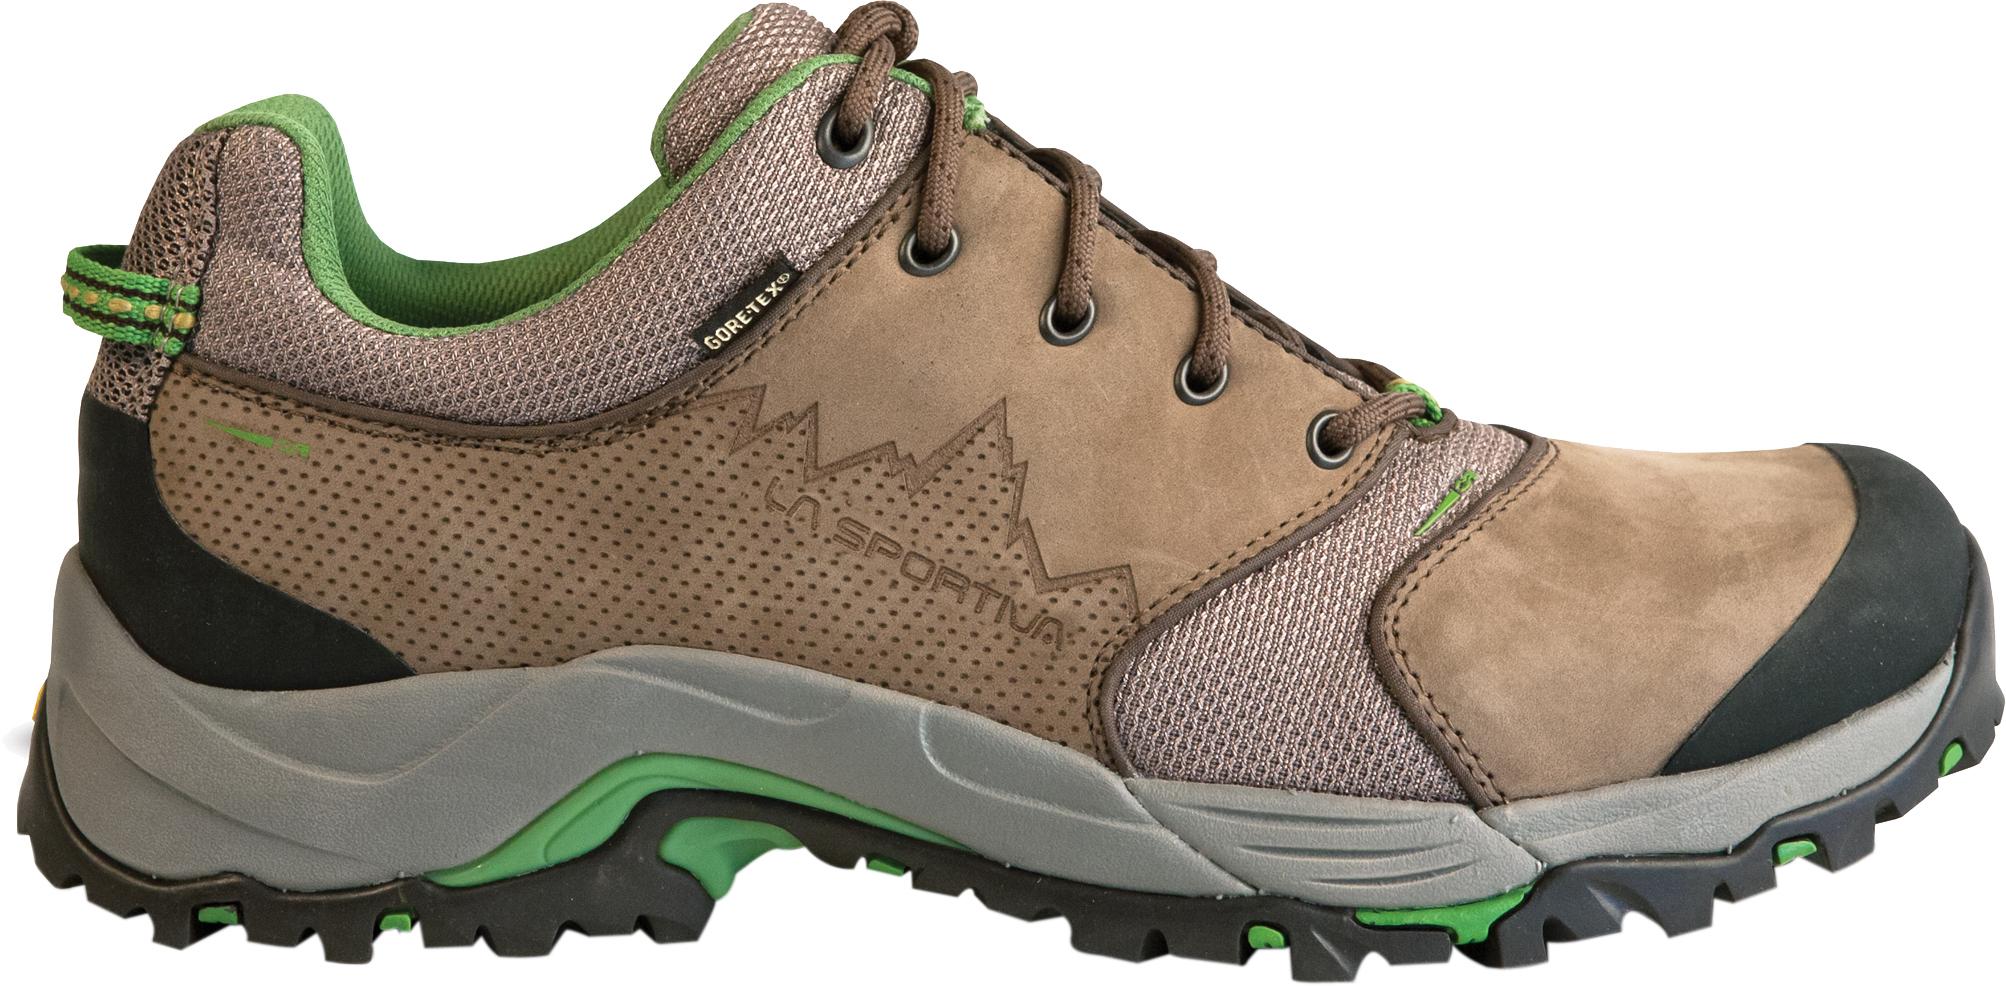 e967f61801a La Sportiva FC ECO 2.0 GTX Trail Shoes - Men's